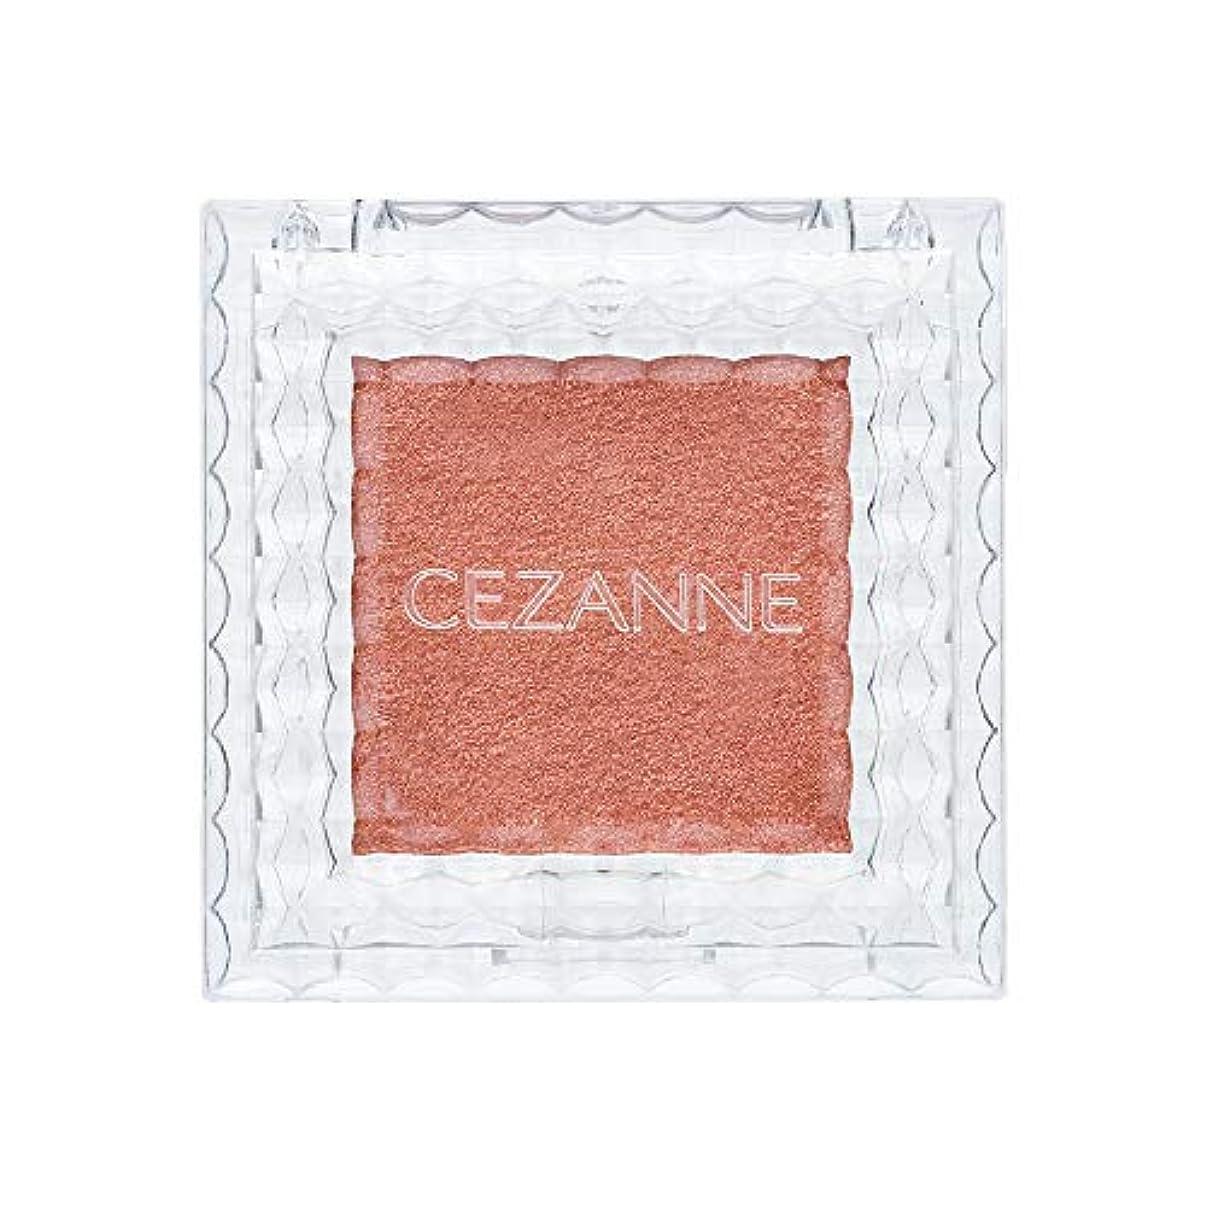 再生暴露する感度セザンヌ シングルカラーアイシャドウ 06 オレンジブラウン 1.0g